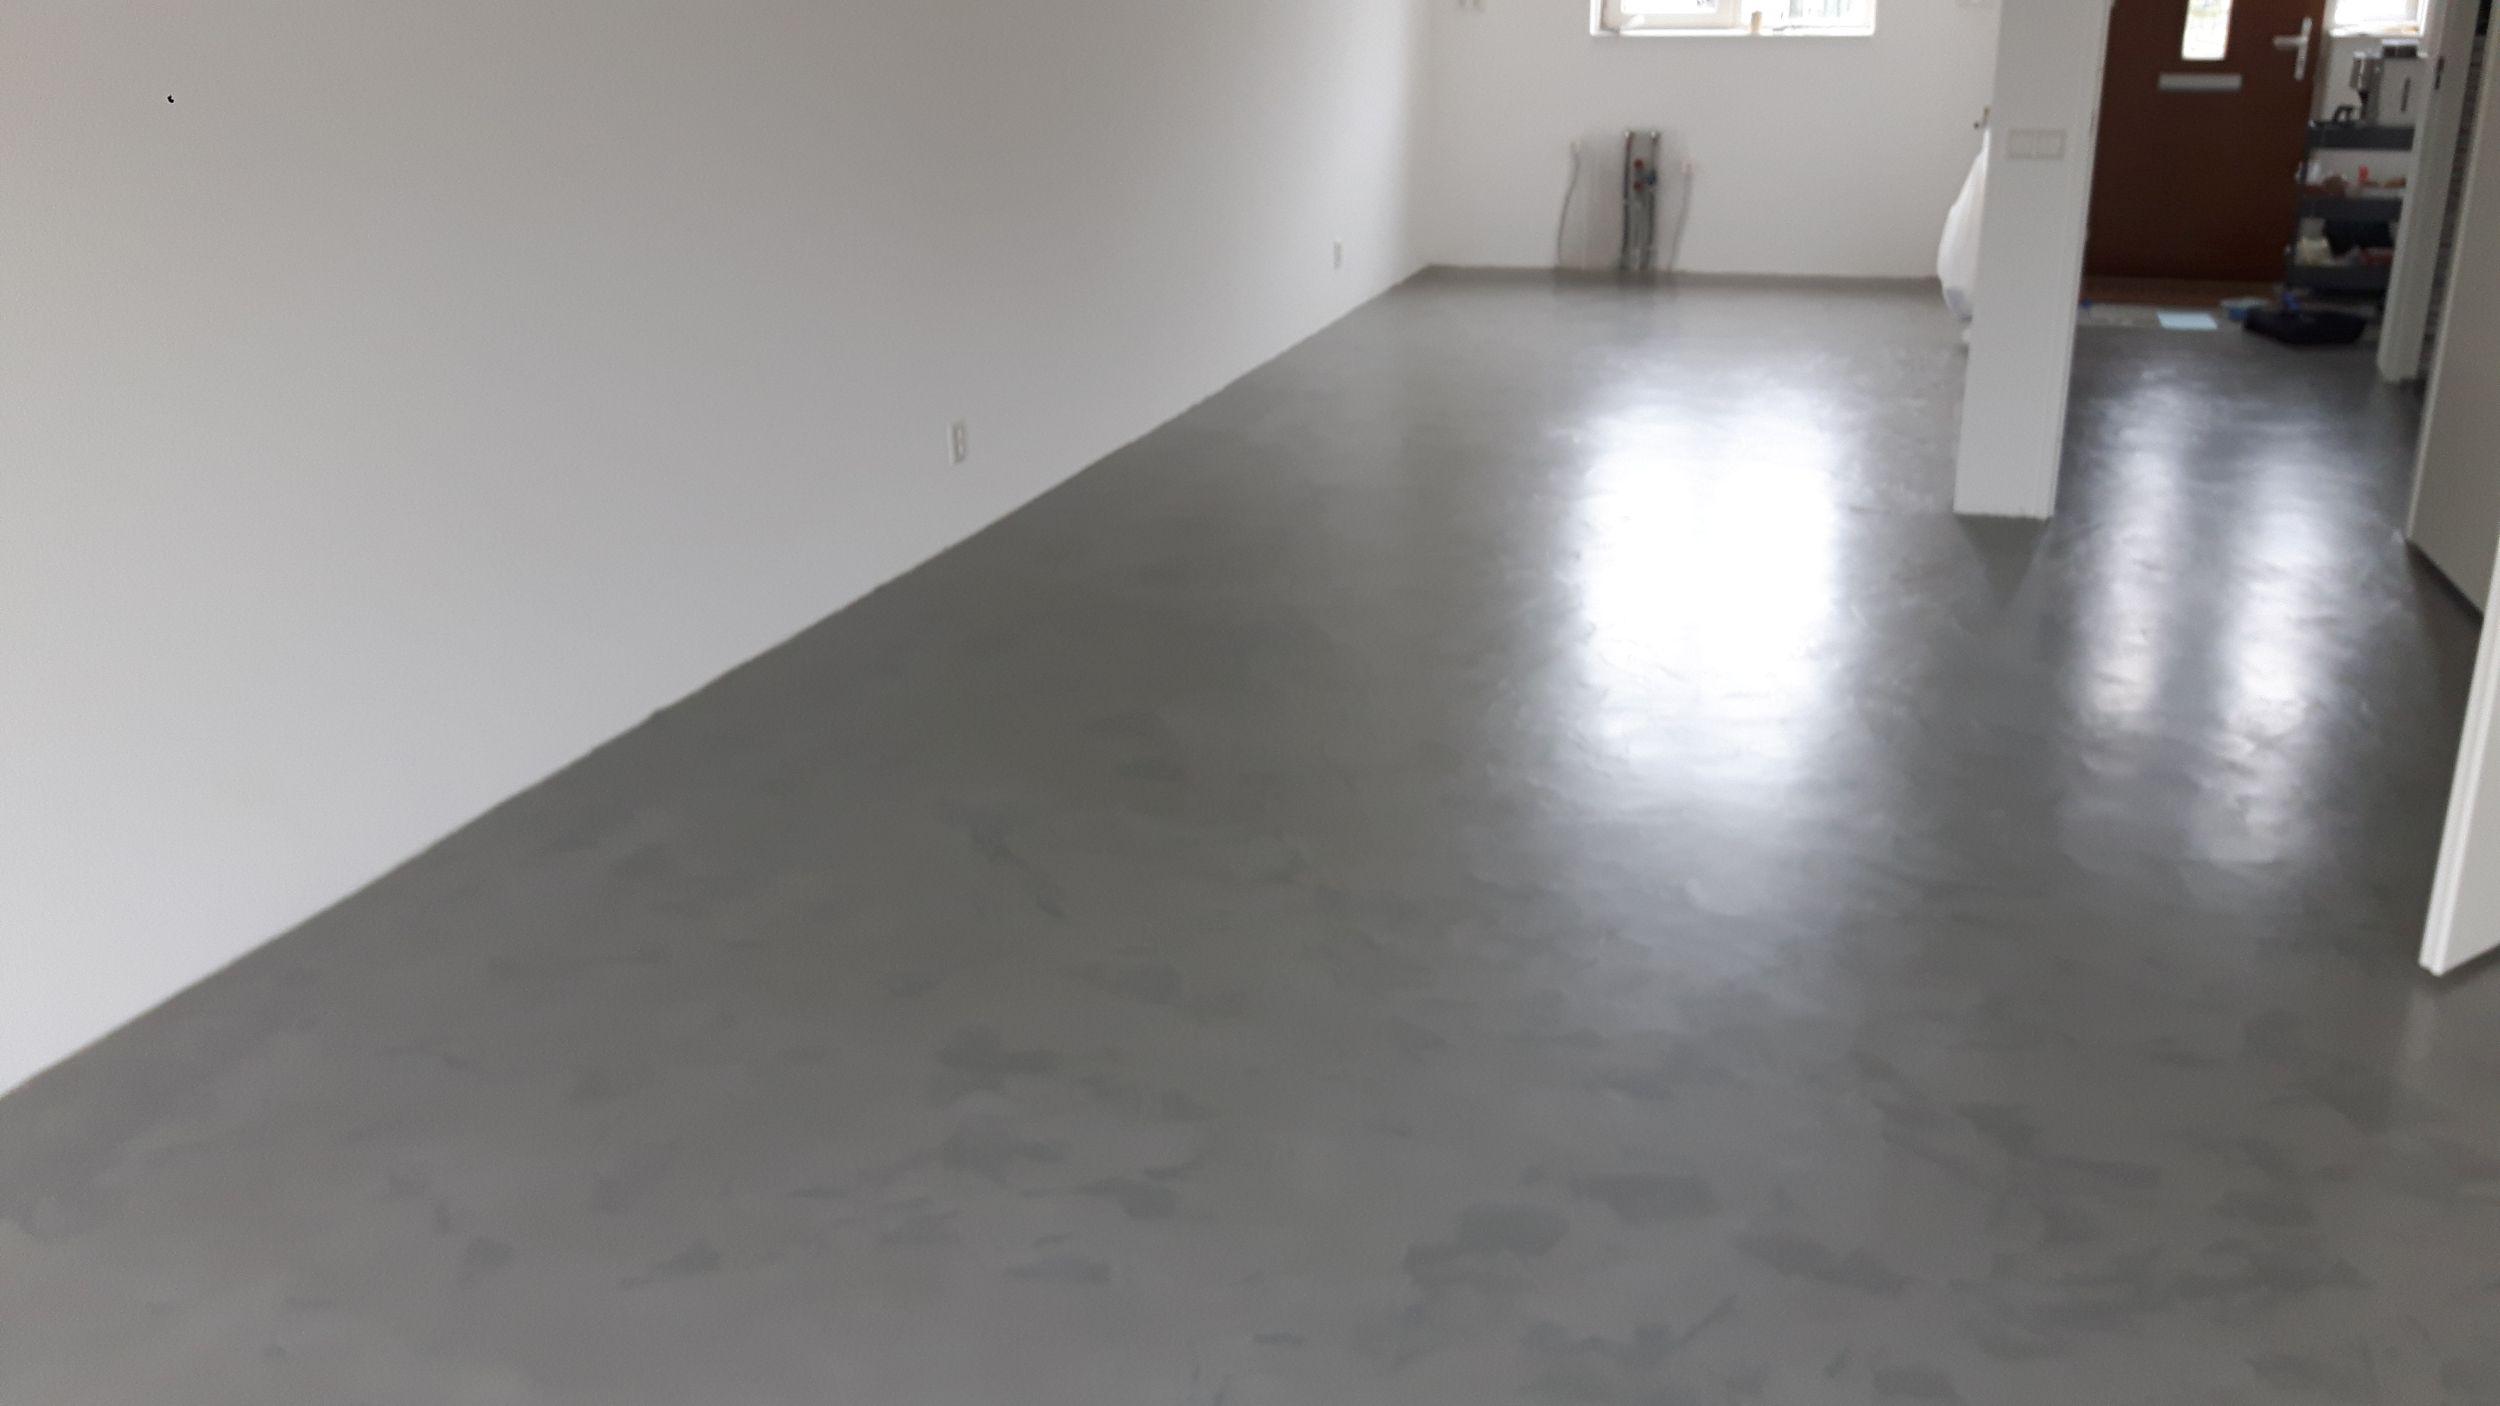 betonlook van BetonDesign, referenties smid interieur groningen